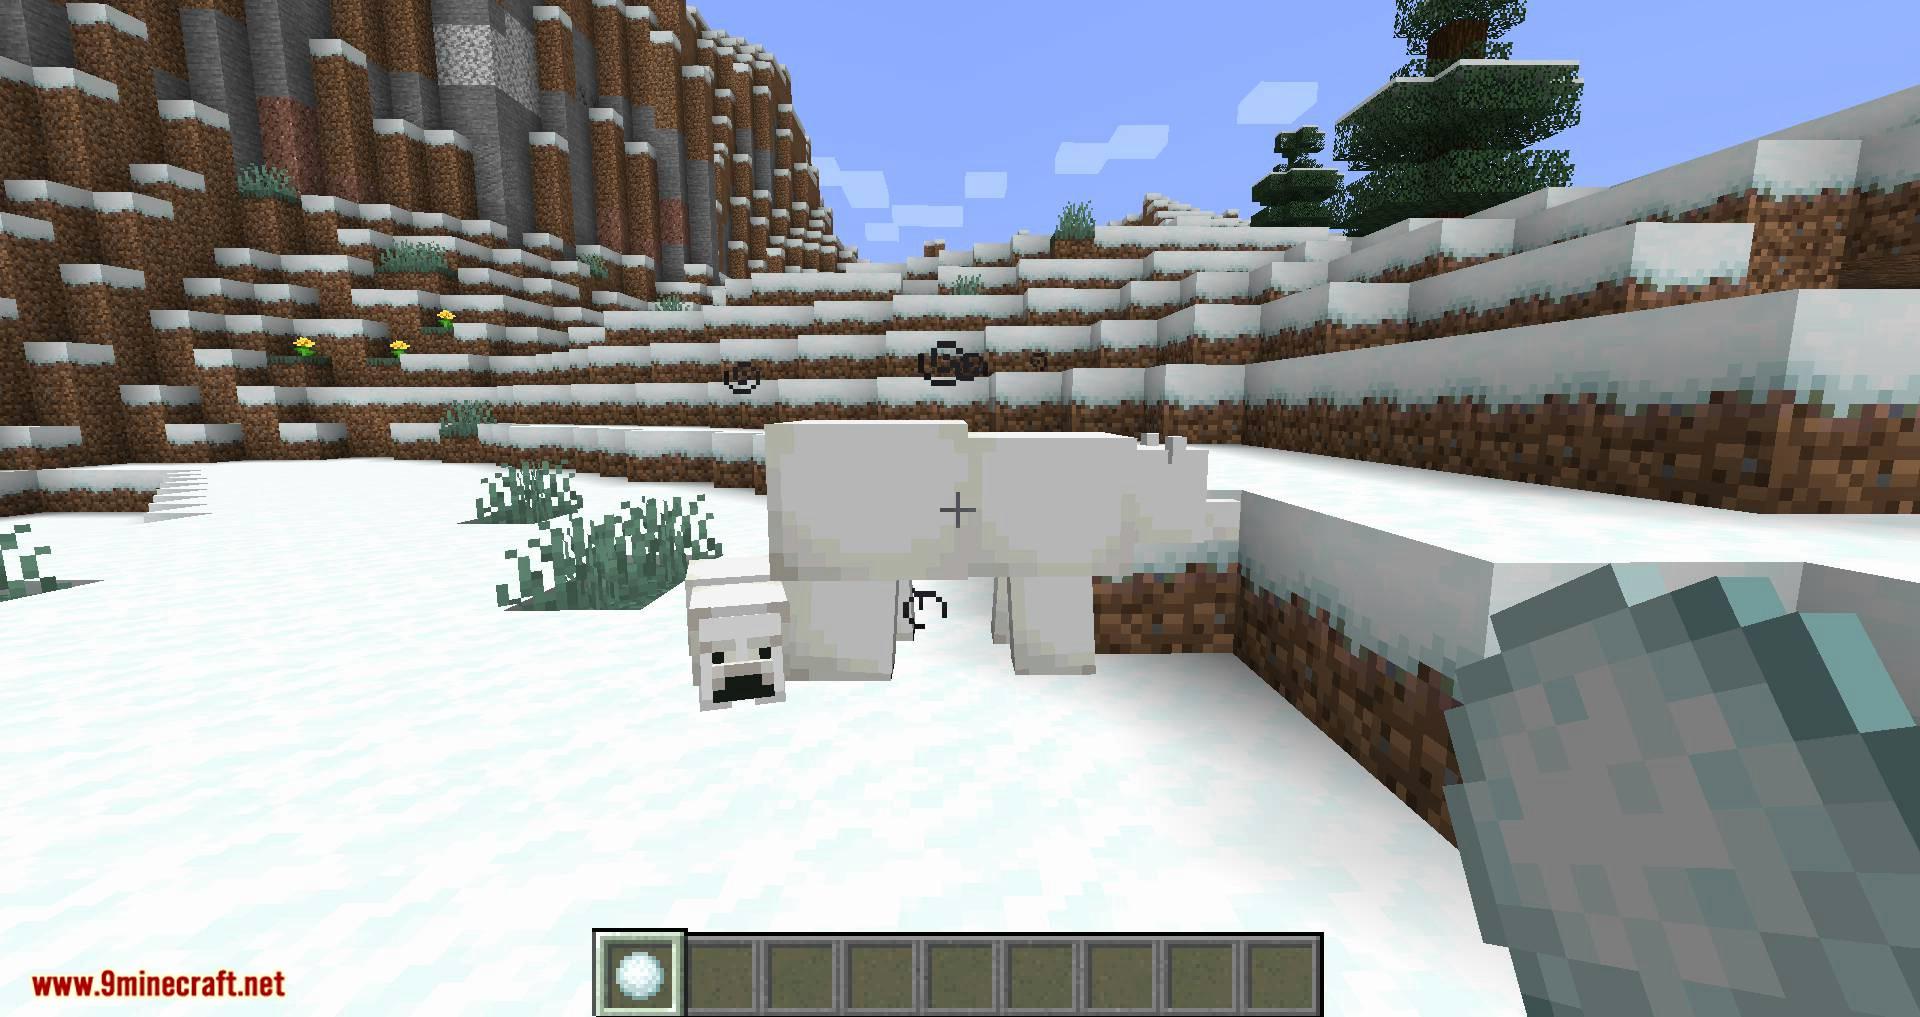 Snowballs Freeze Mobs mod for minecraft 03